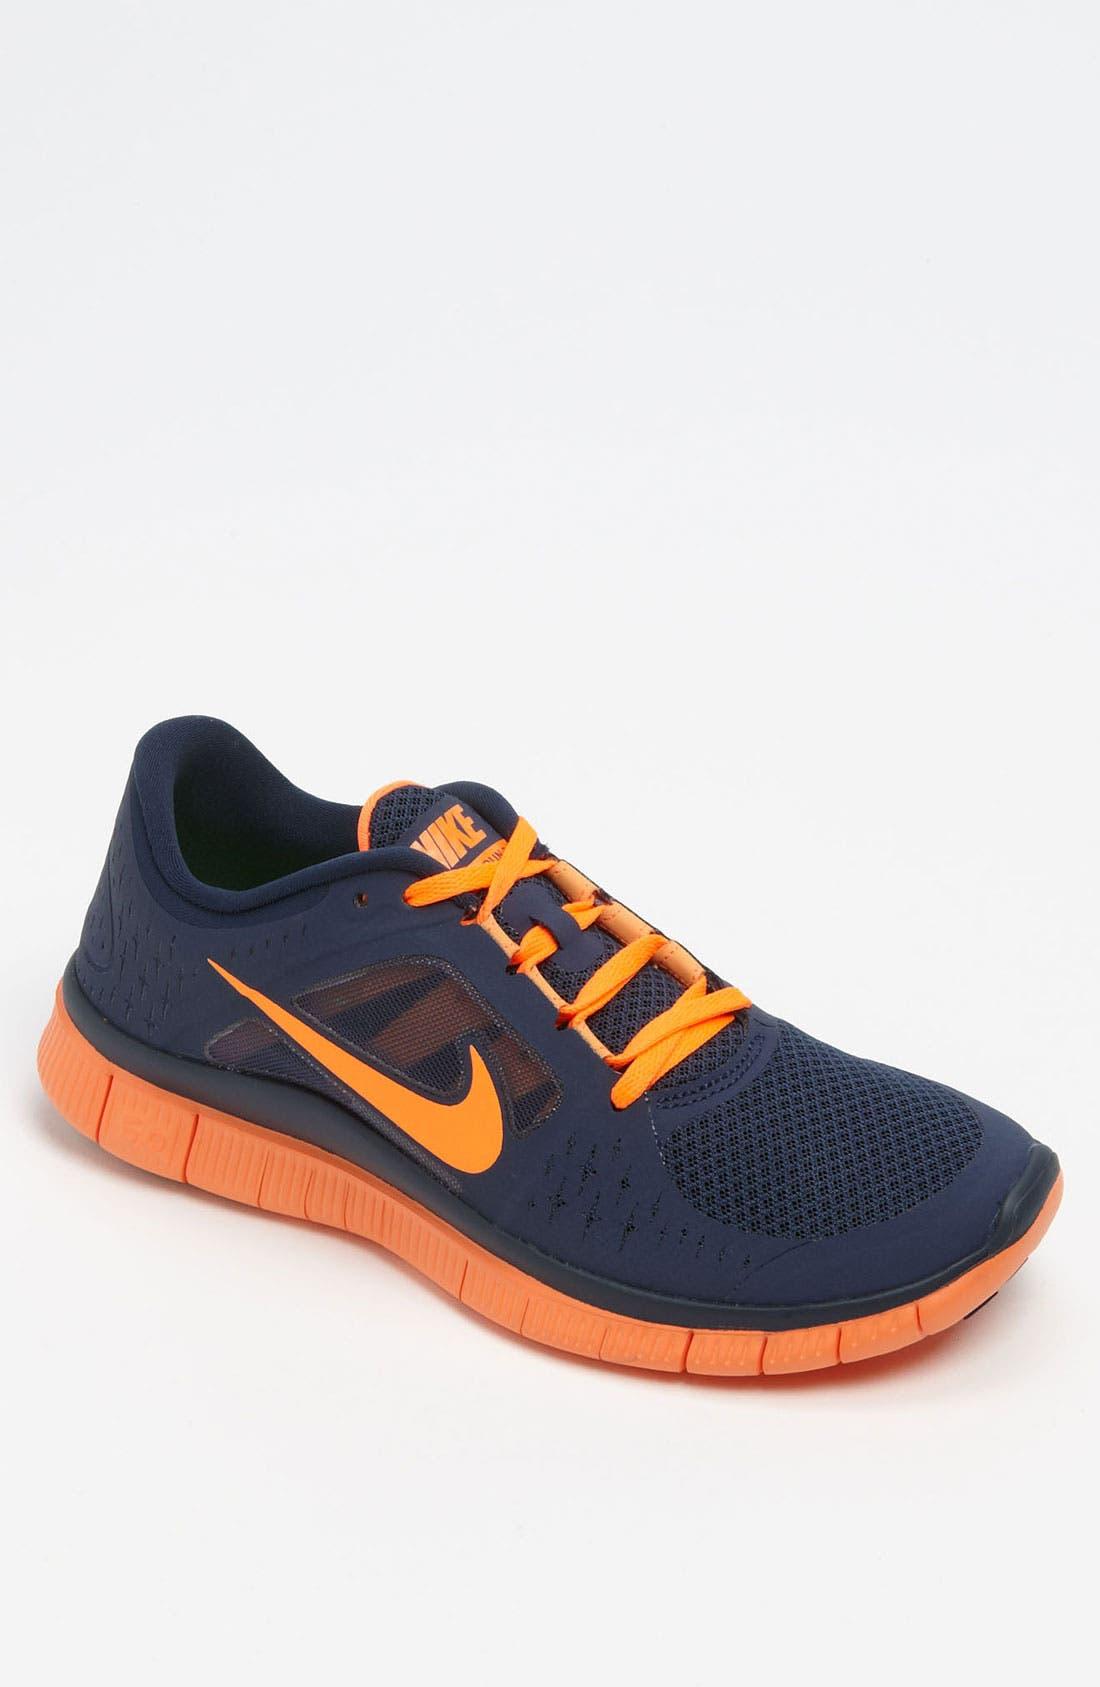 Alternate Image 1 Selected - Nike 'Free Run+ 3' Running Shoe (Men)